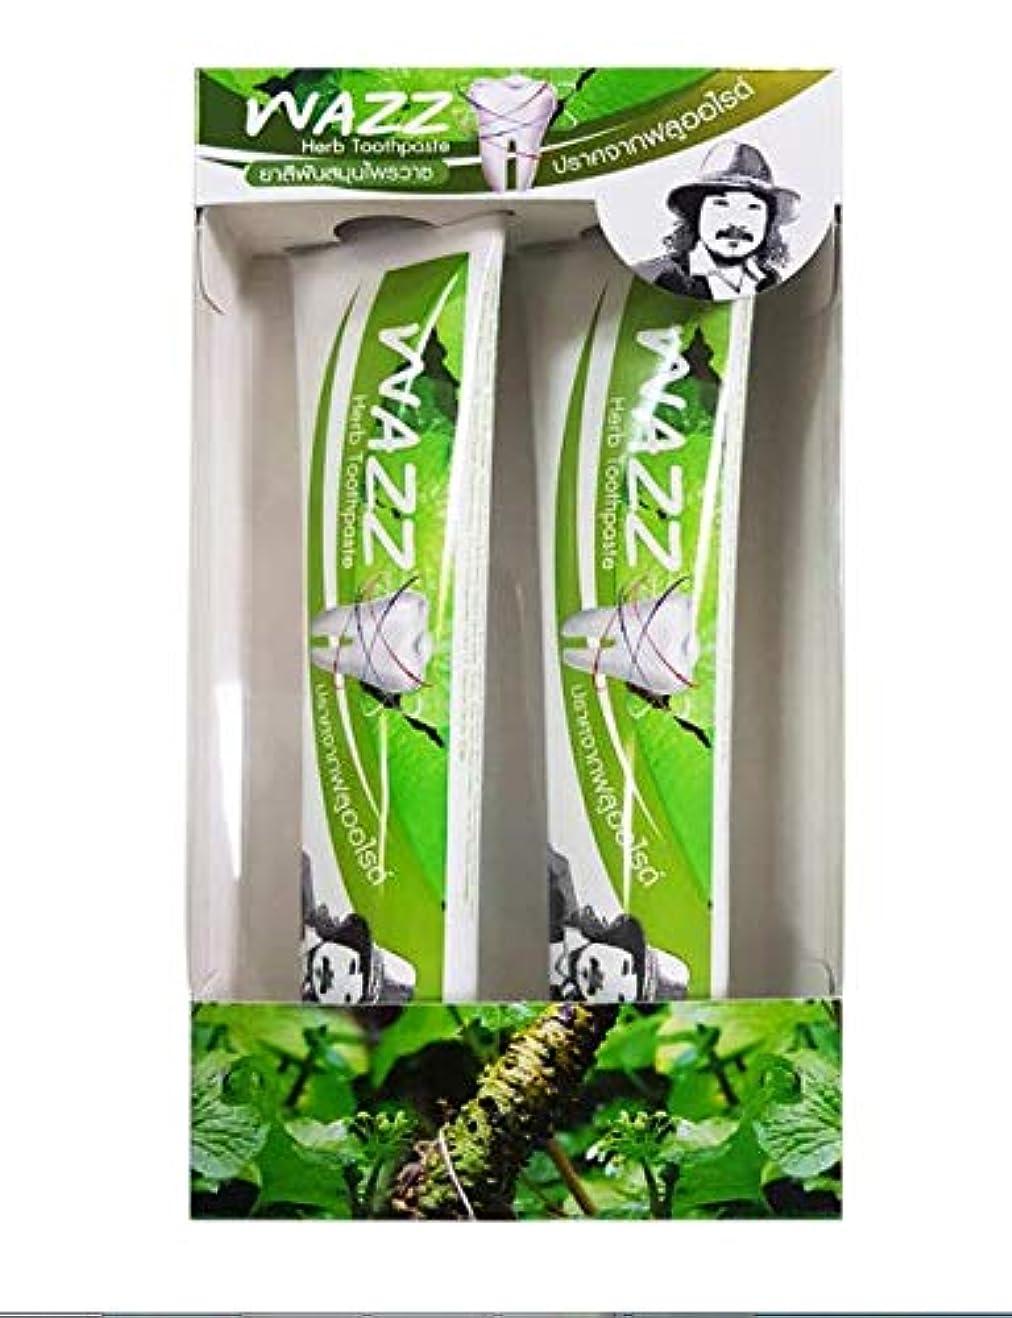 首謀者テレックス未払いWAZZ Herb Toothpaste Fluroride Free ハーブの歯磨き粉Flororide無料 2 x 100 g.